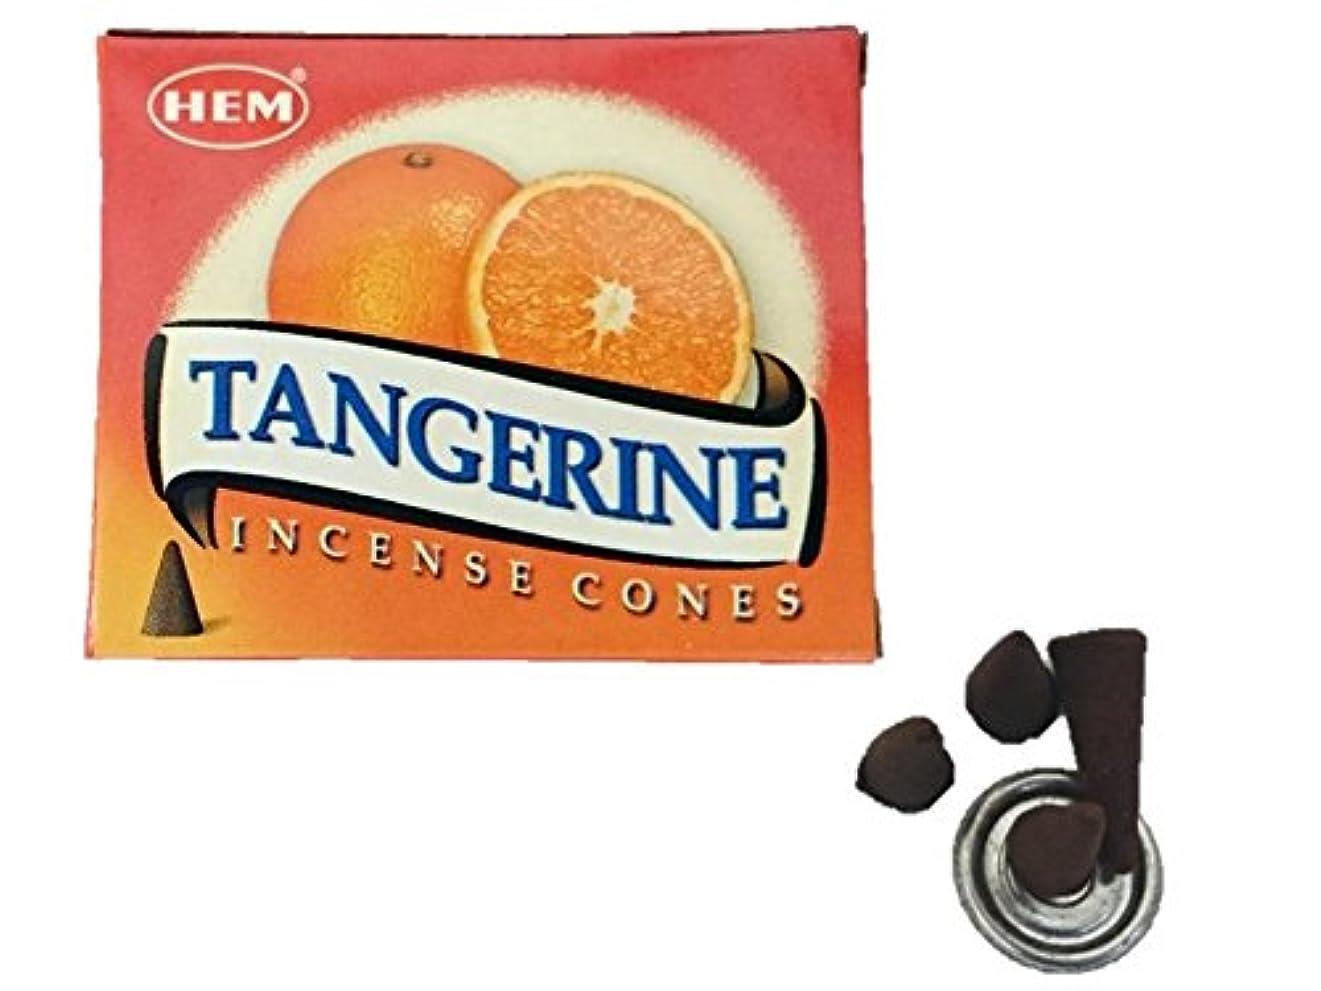 ペダルいつでもくぼみHEM(ヘム)お香 タンジェリン(オレンジ) コーン 1箱